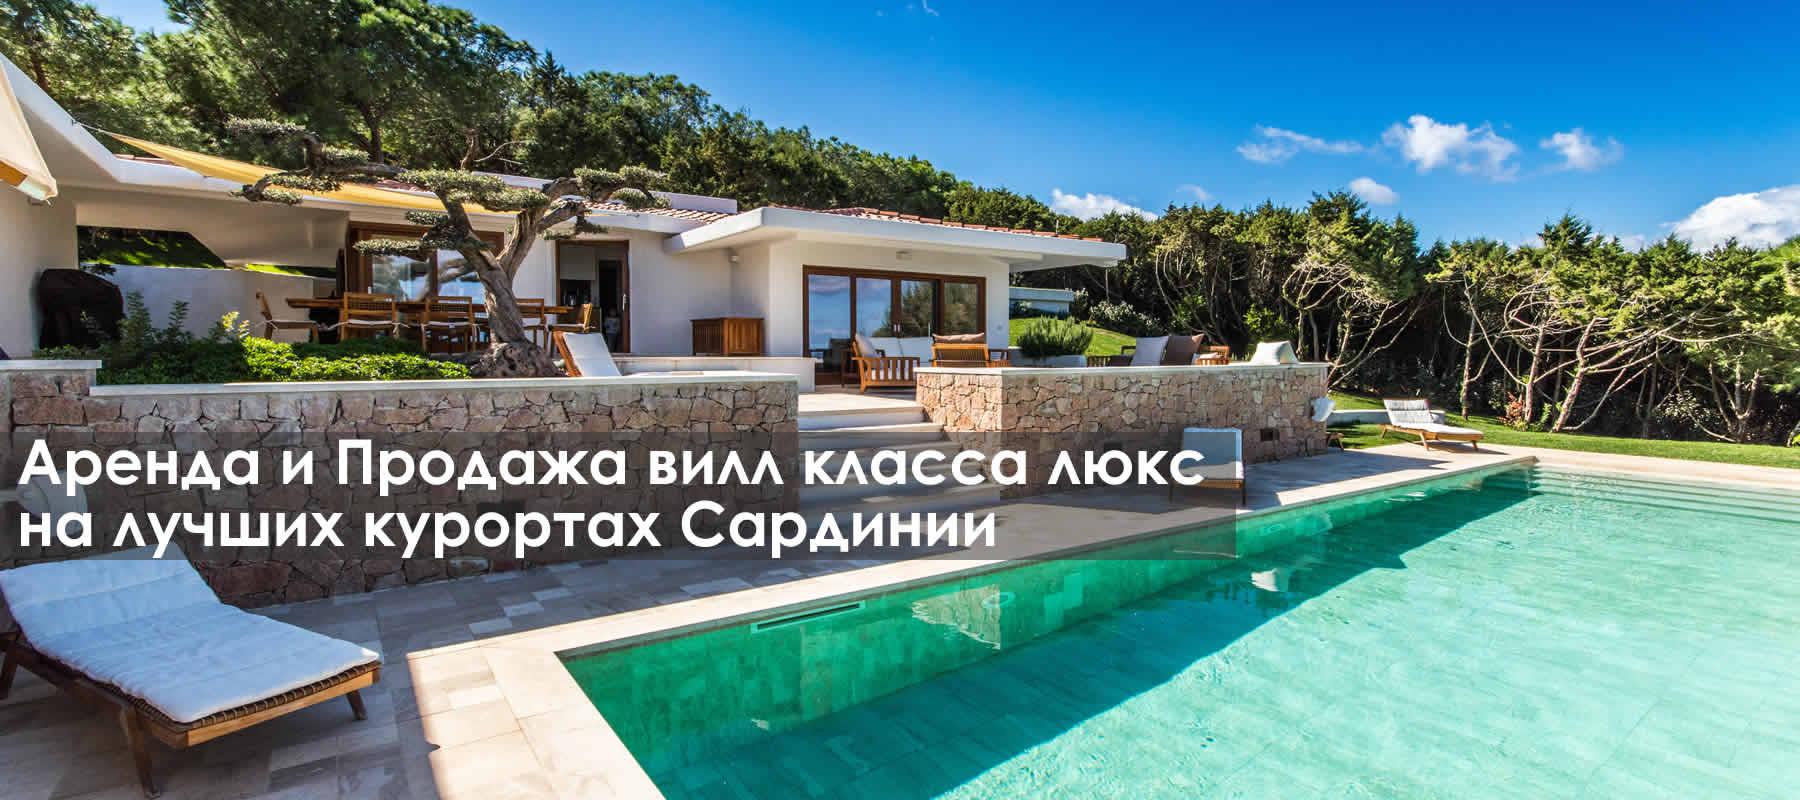 Купить недвижимость на сардинии инвестиции чехия